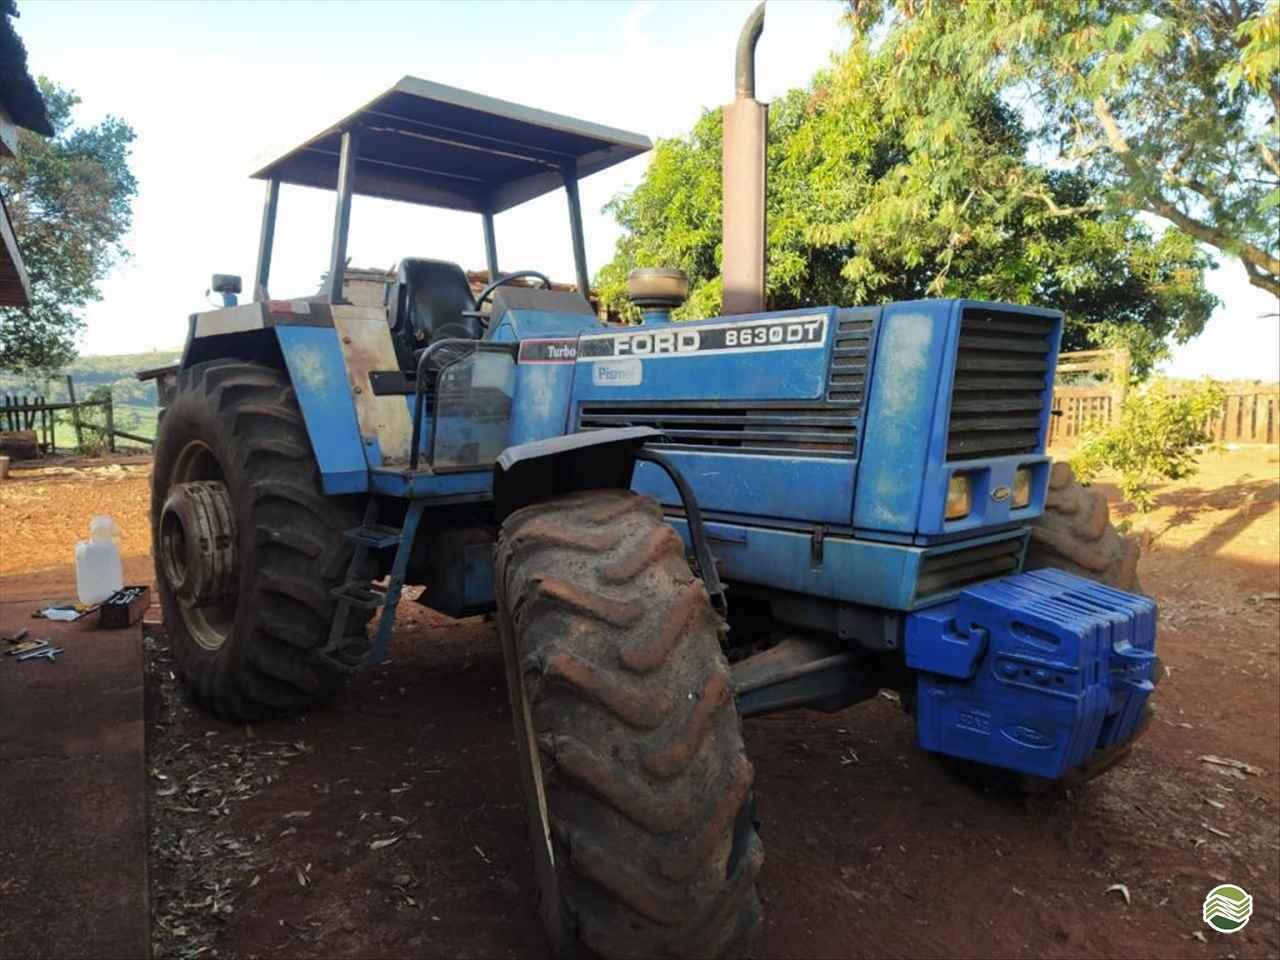 TRATOR FORD FORD 8630 Tração 4x4 Martins e Quadros CARAZINHO RIO GRANDE DO SUL RS